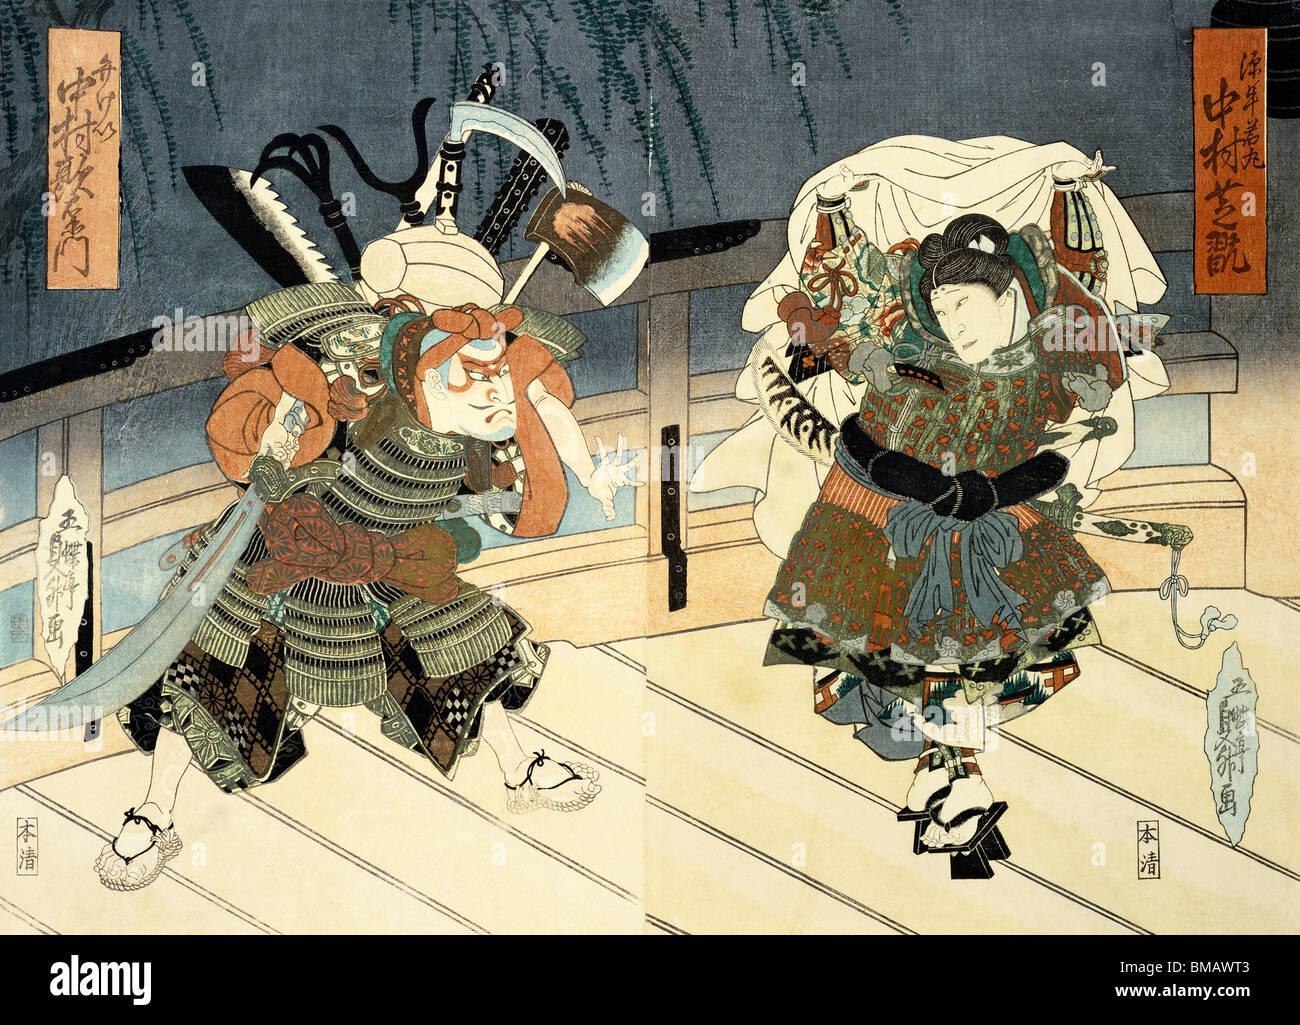 Dos actores en rendimiento, por Utagawa Kunimasu. Grabado en madera. Japón, 1837. Imagen De Stock